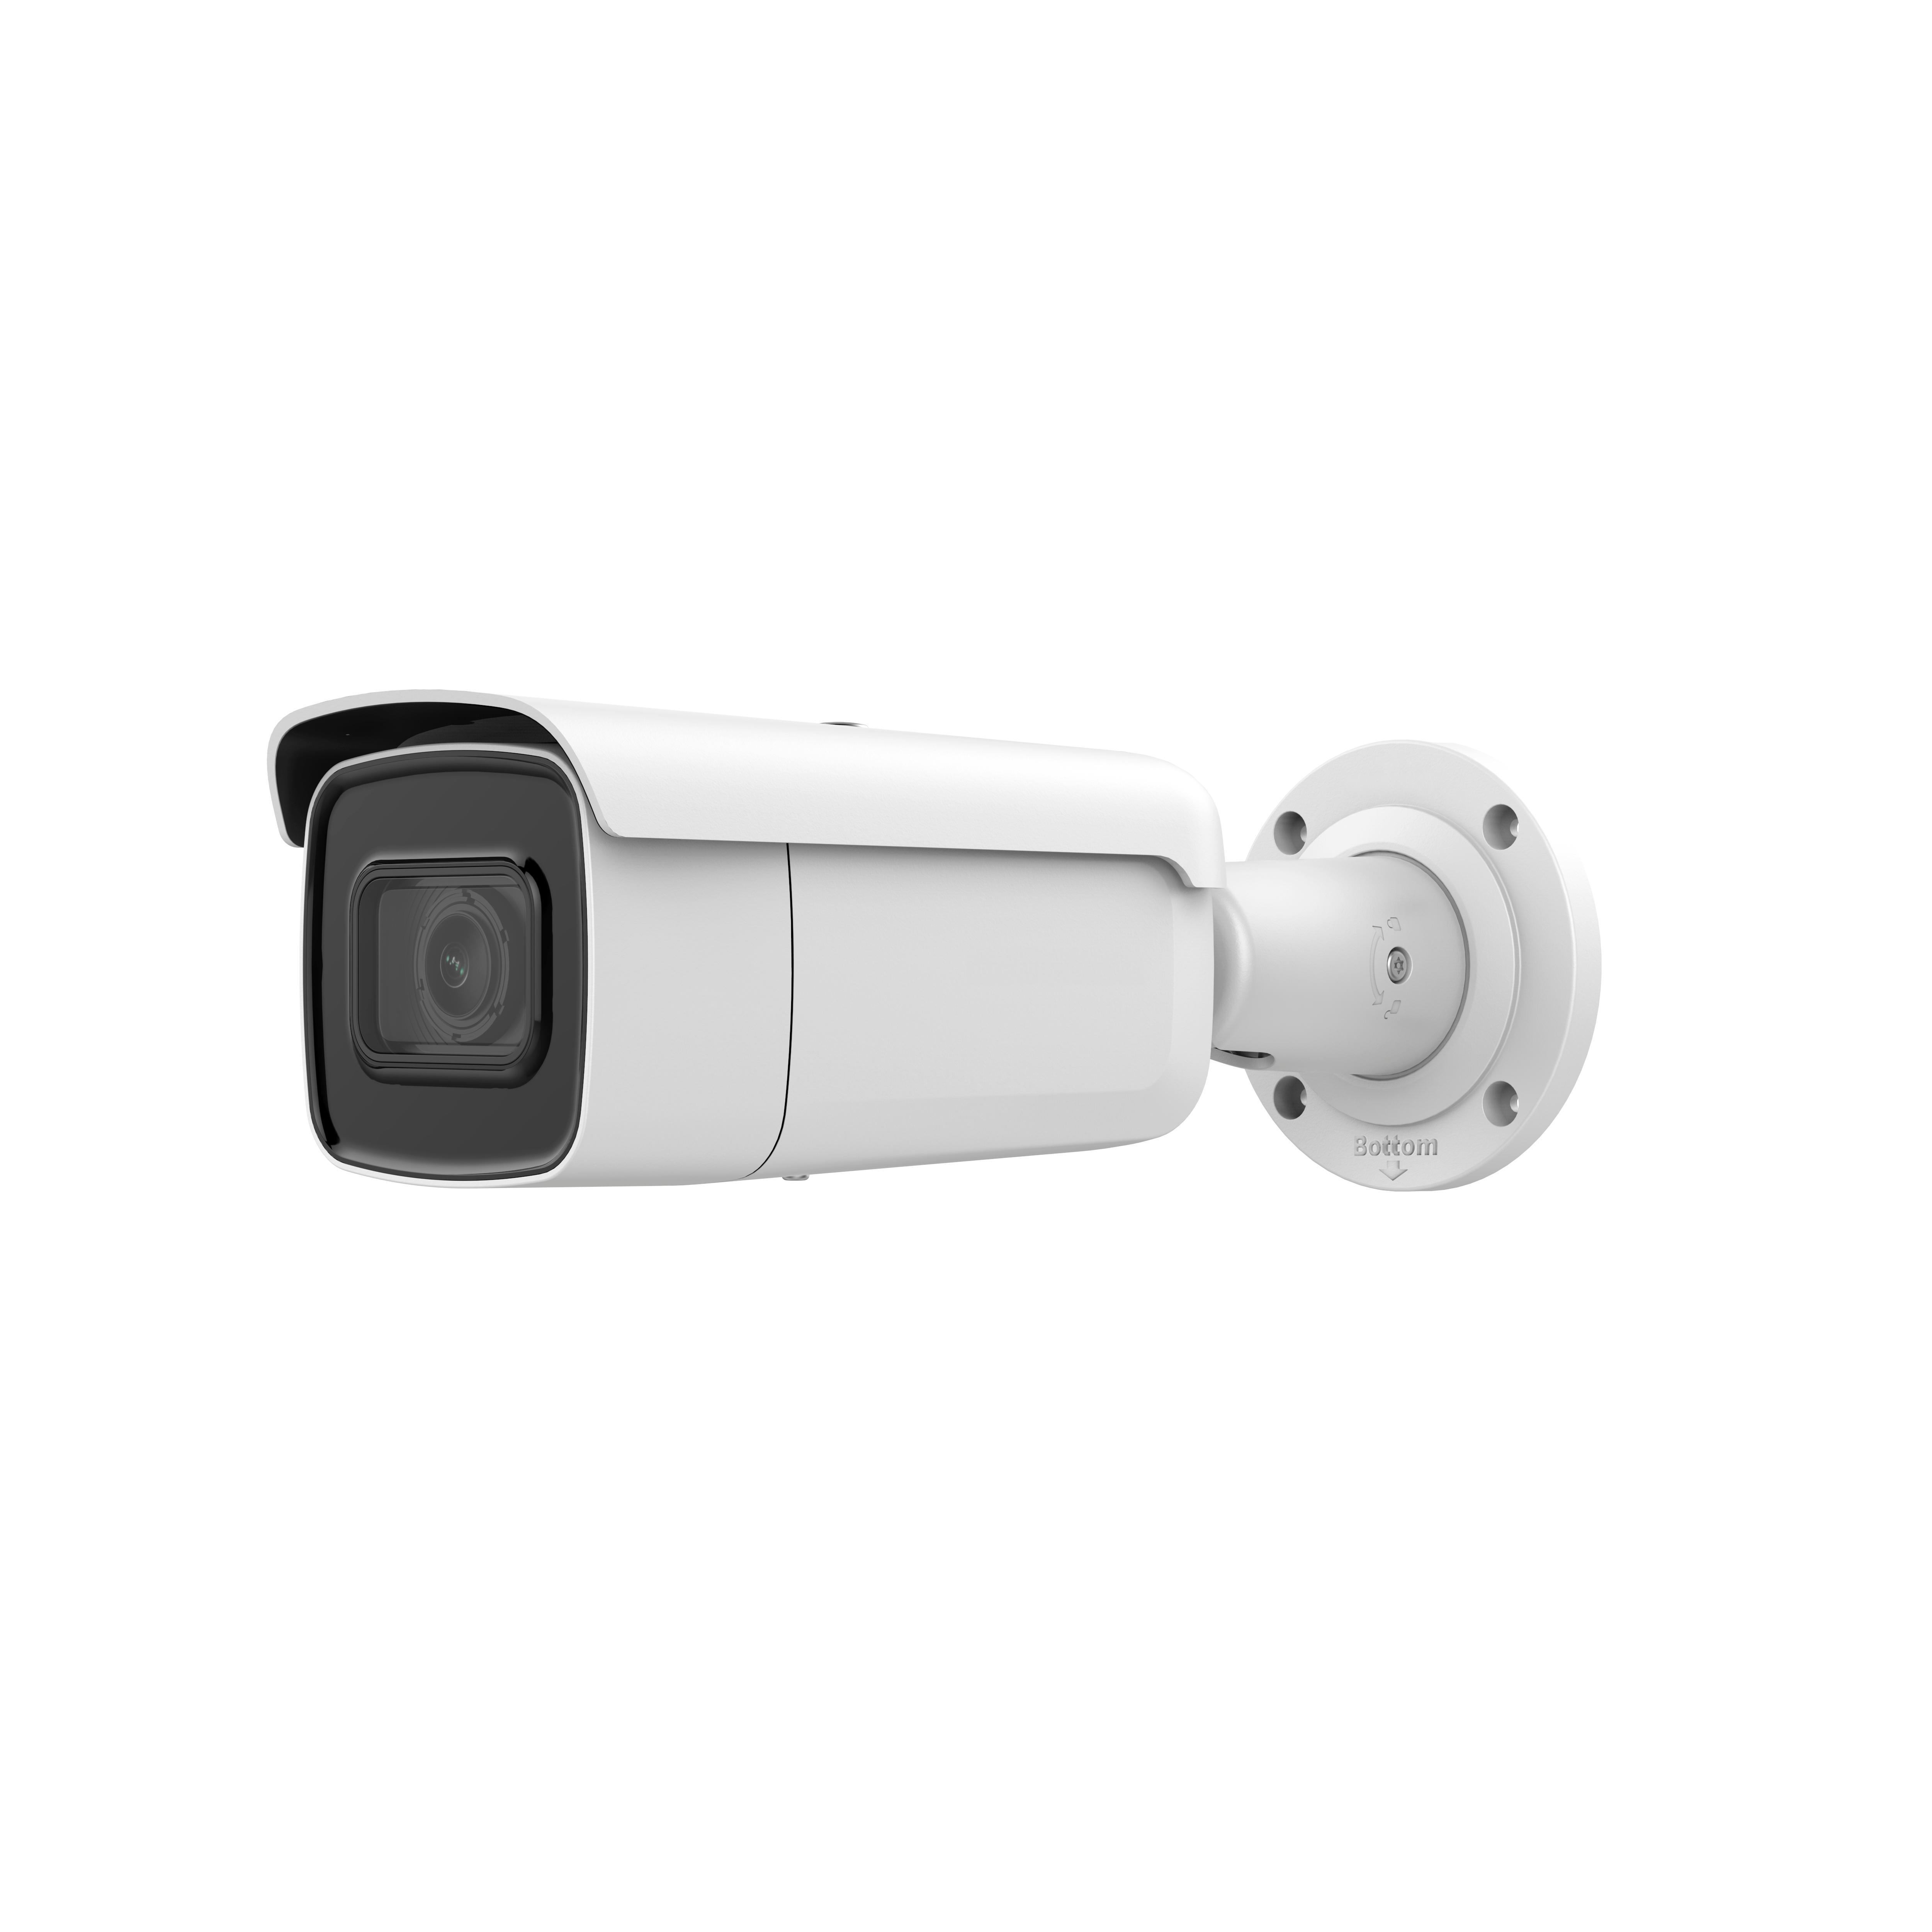 防犯カメラ バレッド型